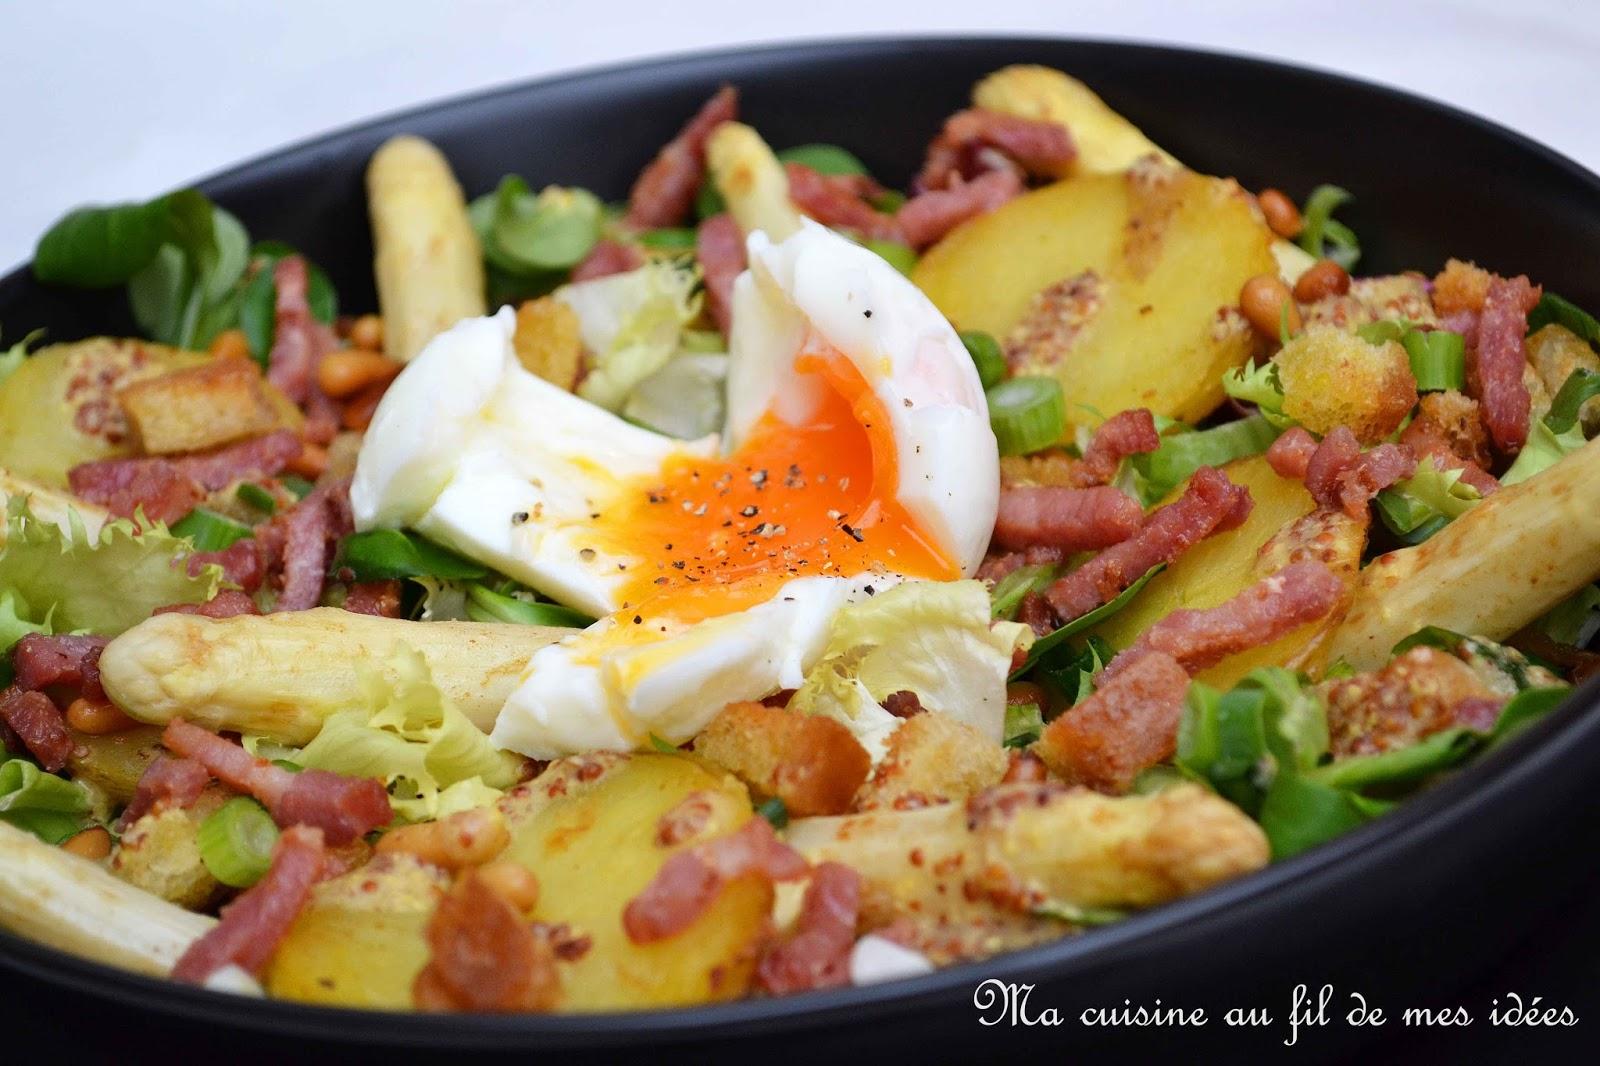 Ma cuisine au fil de mes id es salade ti de aux pommes de terre asperges lardons et oeuf - Asperge a la poele ...